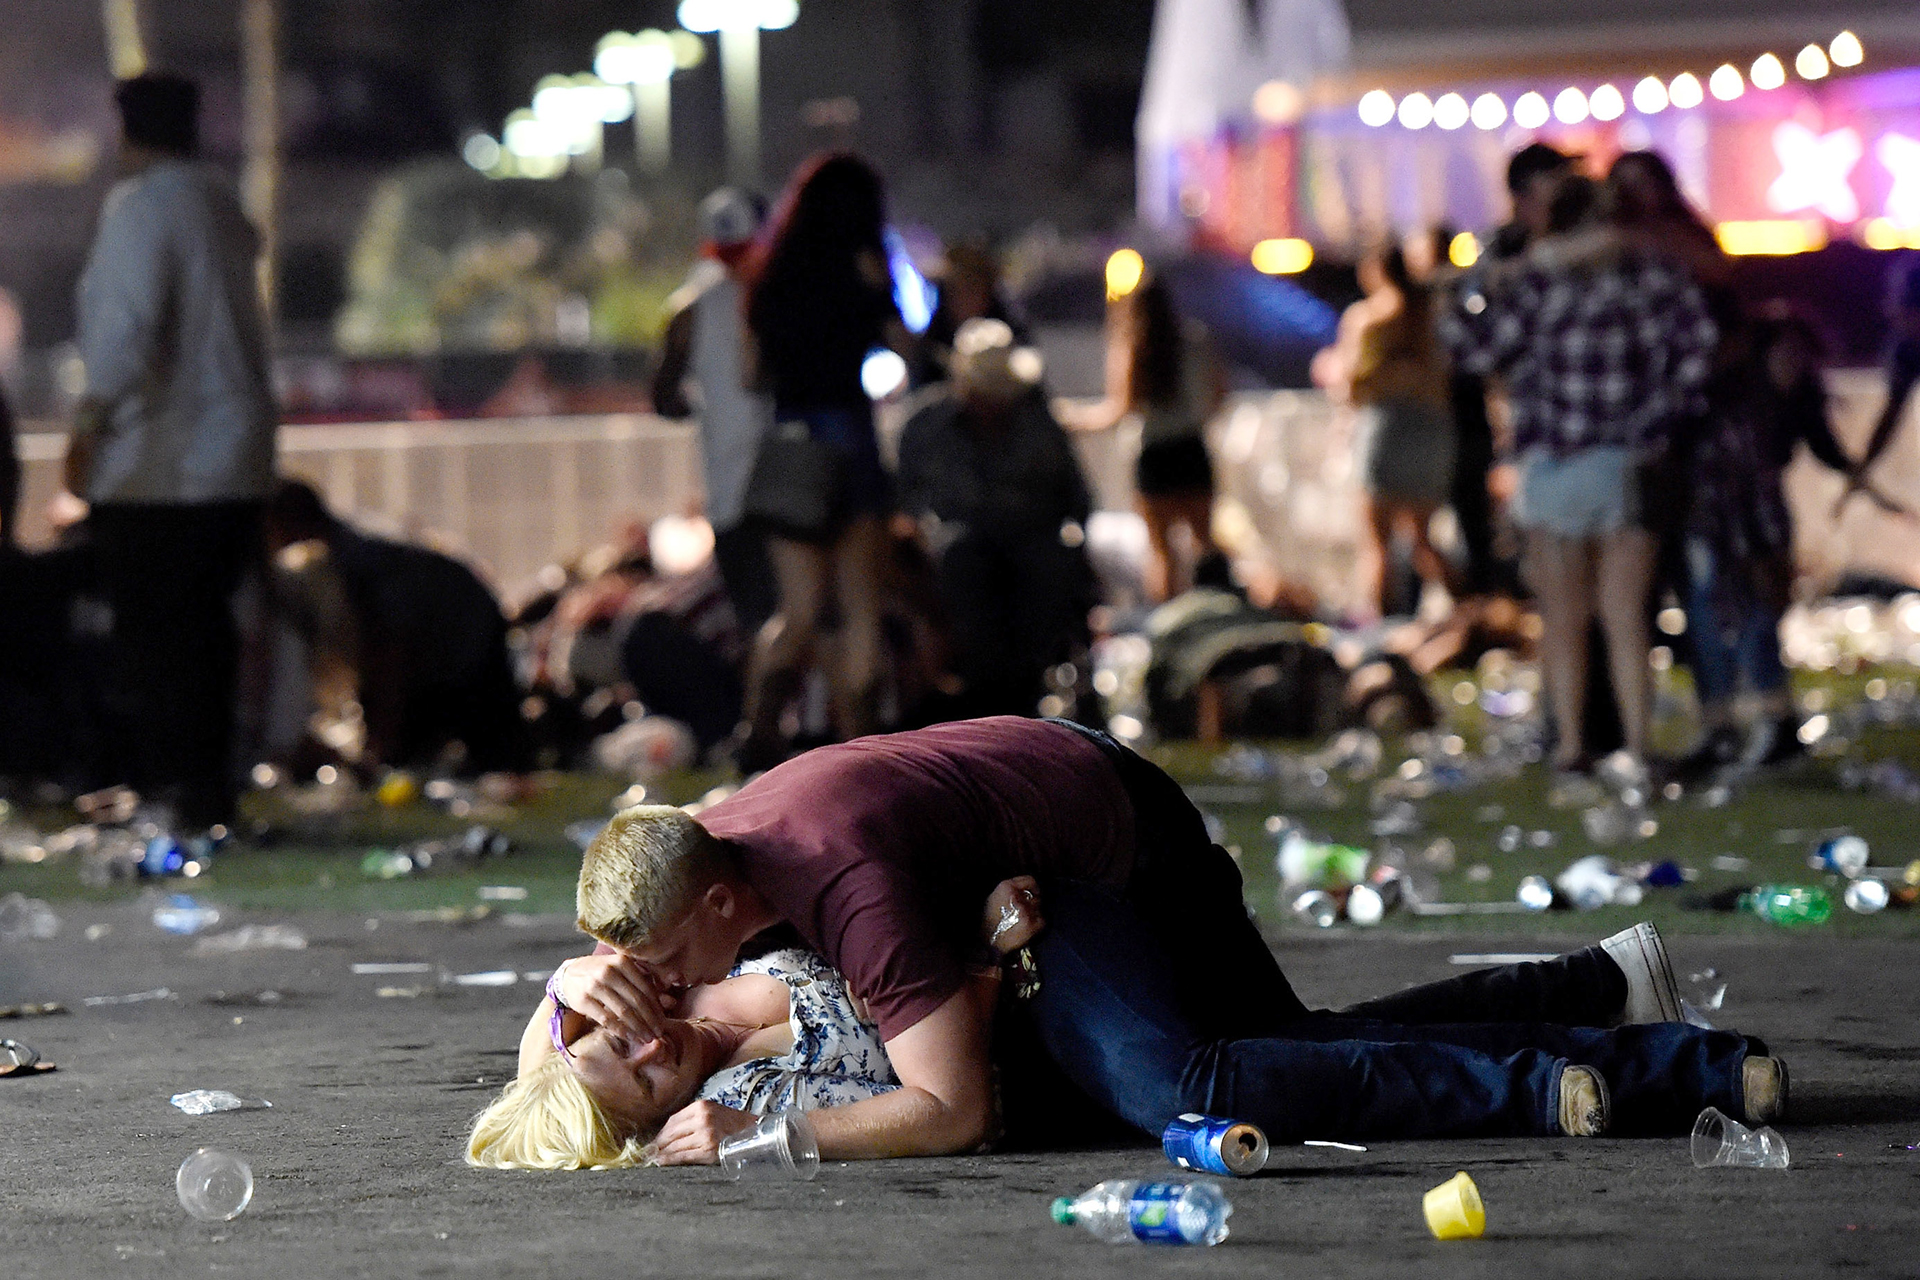 Un hombre acaricia el cuerpo de una mujer que ha quedado en el piso rodeada de bausra, instantes después del ataque(David Becker/Getty Images/AFP)